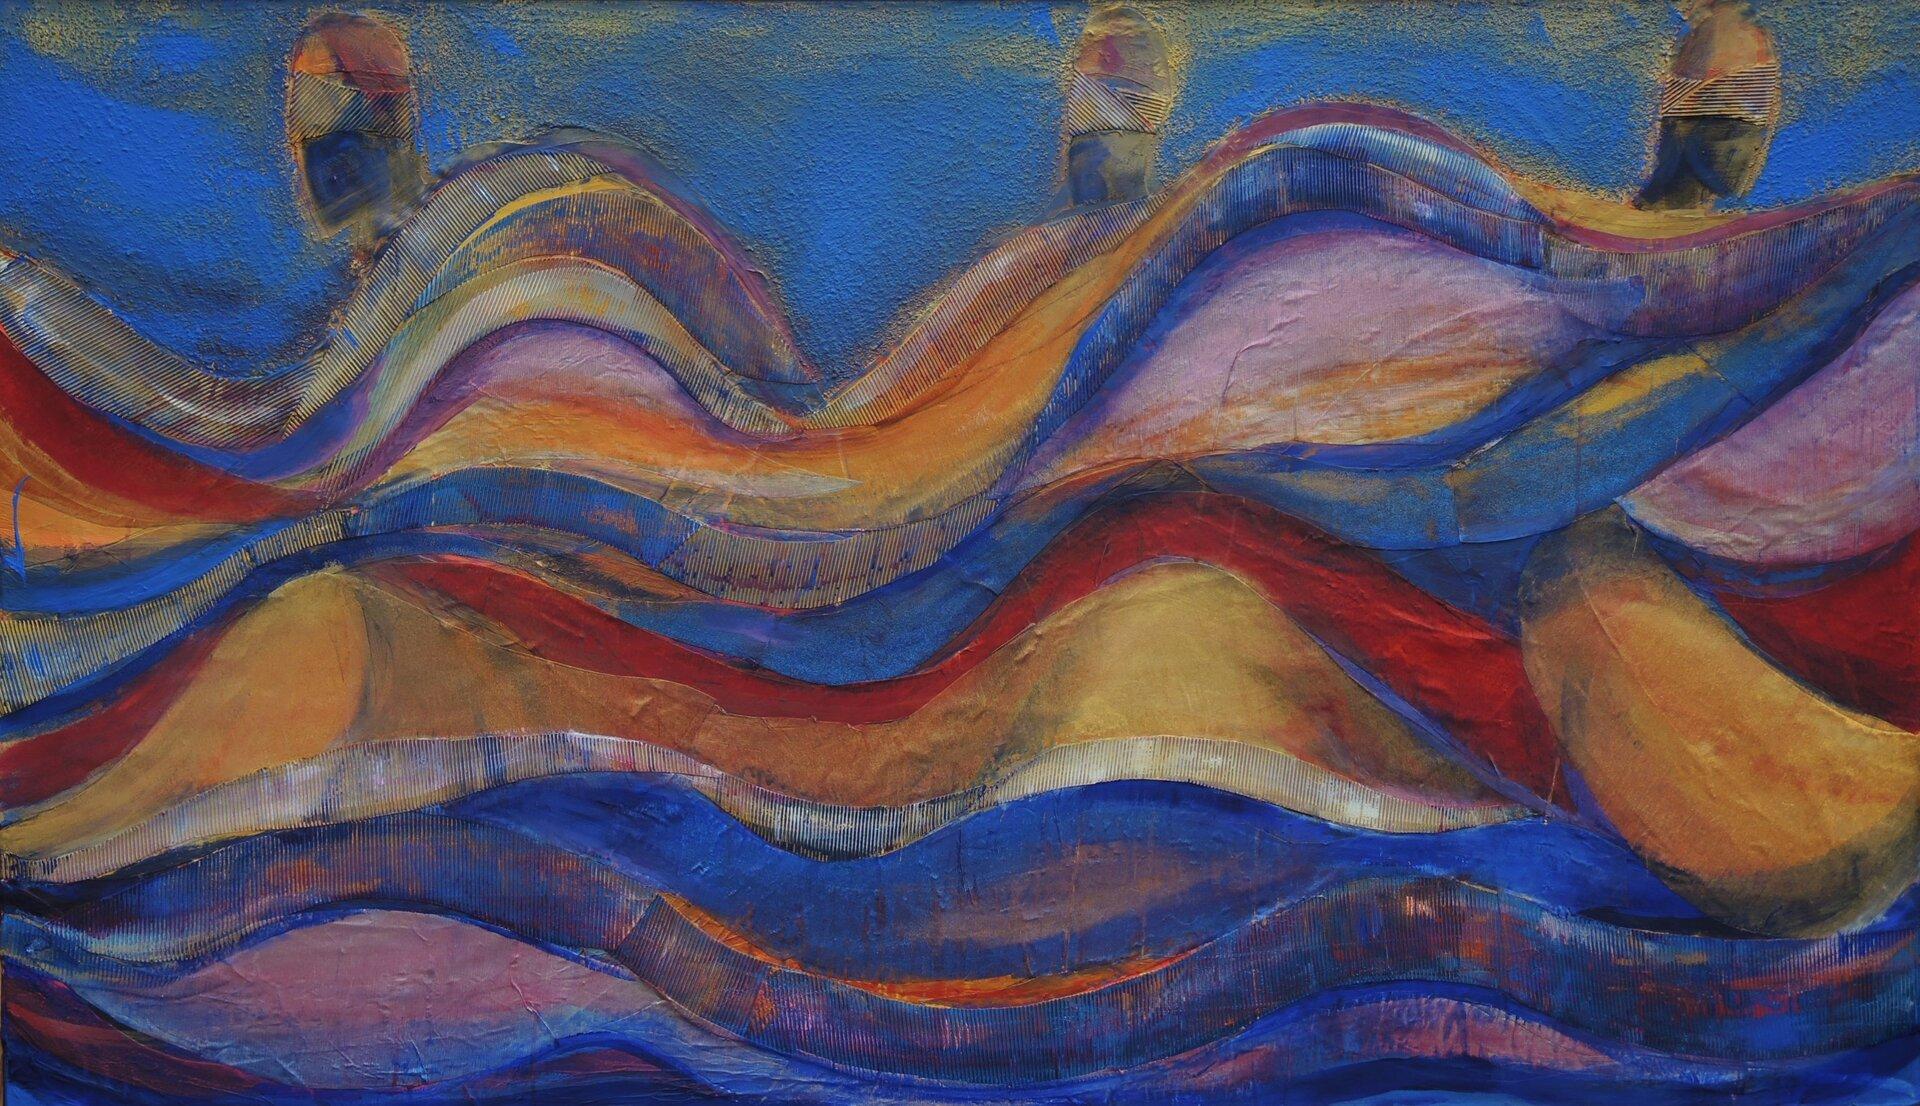 """Ilustracja przedstawia obraz """"Taniec Oya 2"""" autorstwa Justyny Grzebieniowskiej-Wolskiej. Artystka, przy pomocy figur geometrycznych oraz wyrazistych kolorów stworzyła kompozycję abstrakcyjną, która wswej formie nawiązuje do pejzażu. Poziome faliste podziały przypominają fale morskie. Trzy proste kształty, podobne do statków unoszą się na górnej krawędzi łuków. Płasko malowane płaszczyzny przeplatają się zlaserunkami iprzecierkami. Dominującym kolorem dynamicznej kompozycji jest niebieski przeplatany czerwieniami, różami iciepłymi żółciami. Dzieło wykonane jest wtechnice własnej."""